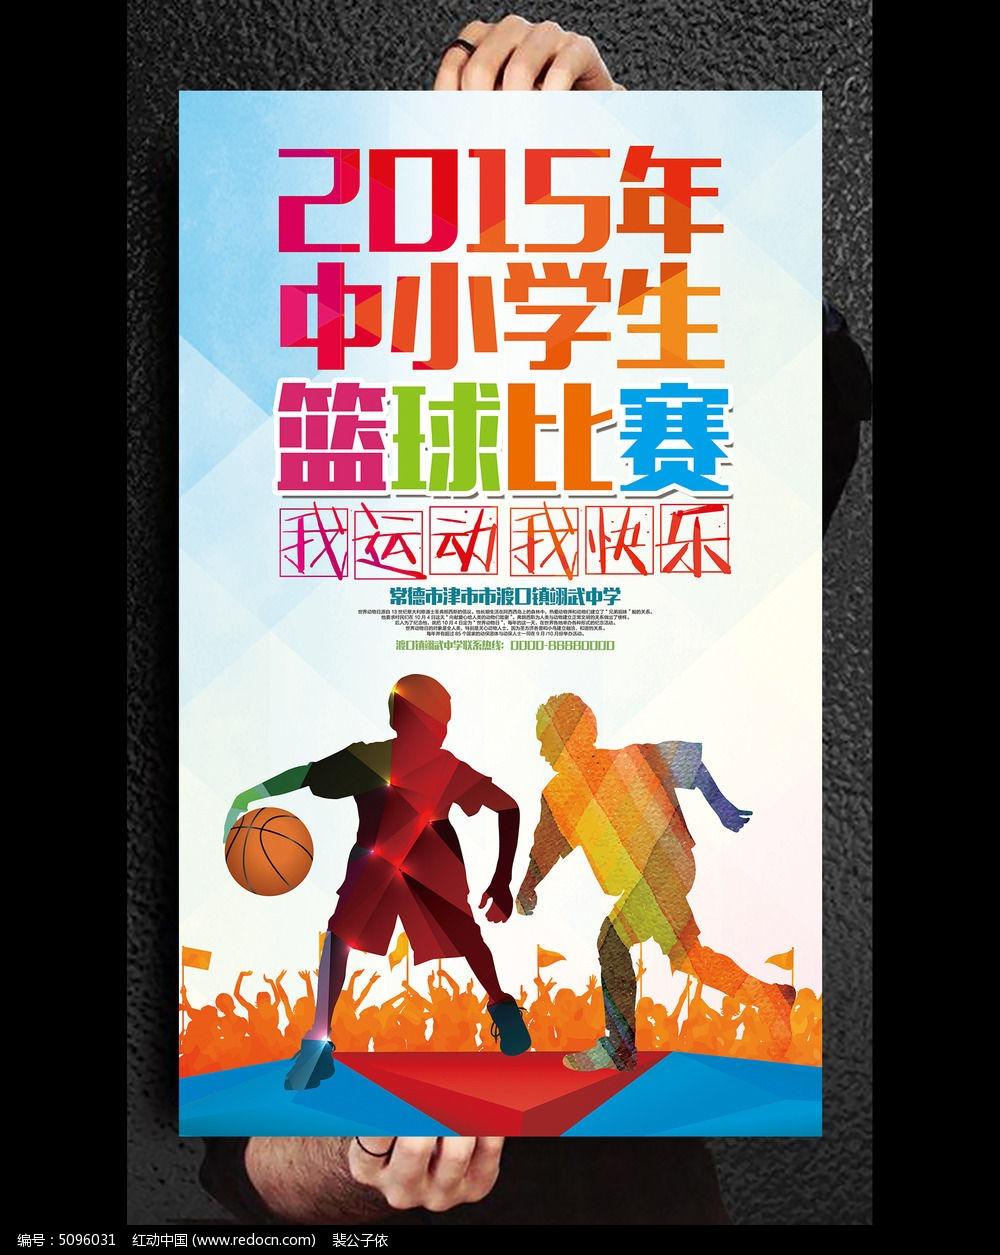 篮球赛用英语怎么写_篮球比赛活动方案怎么写-